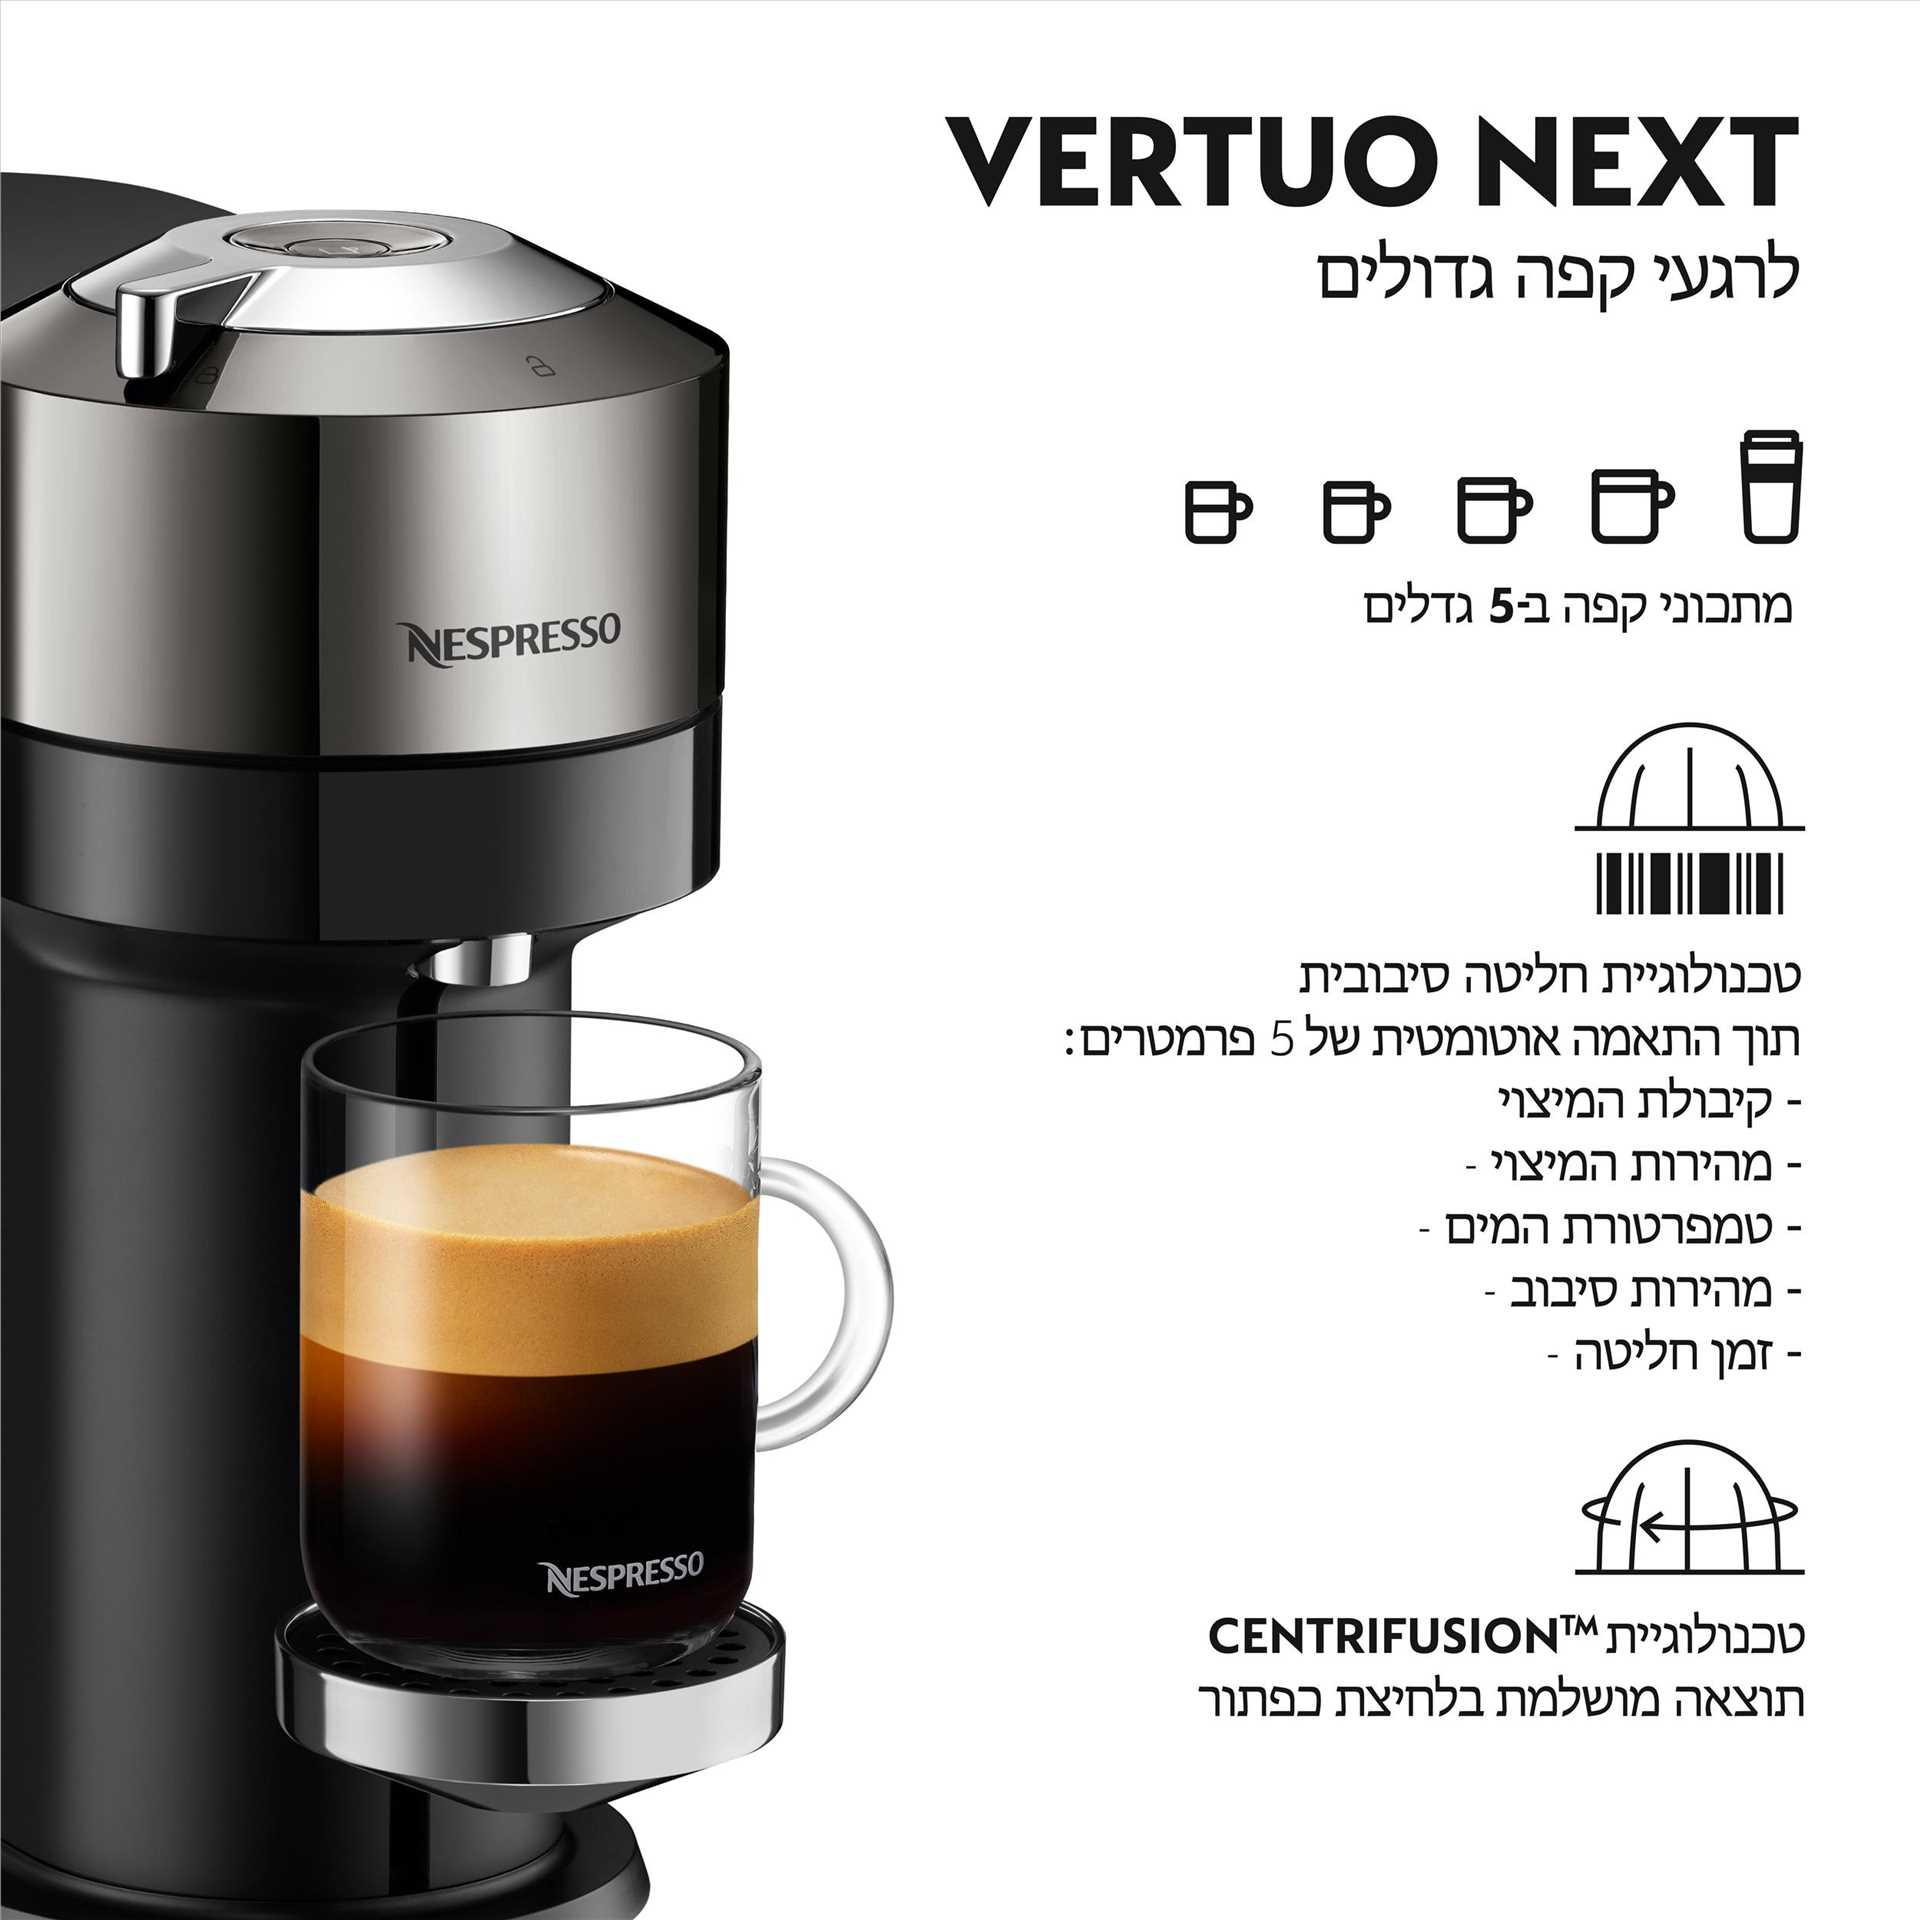 מכונת קפה NESPRESSO VertuoNext GCV1 כרום נספרסו - תמונה 2